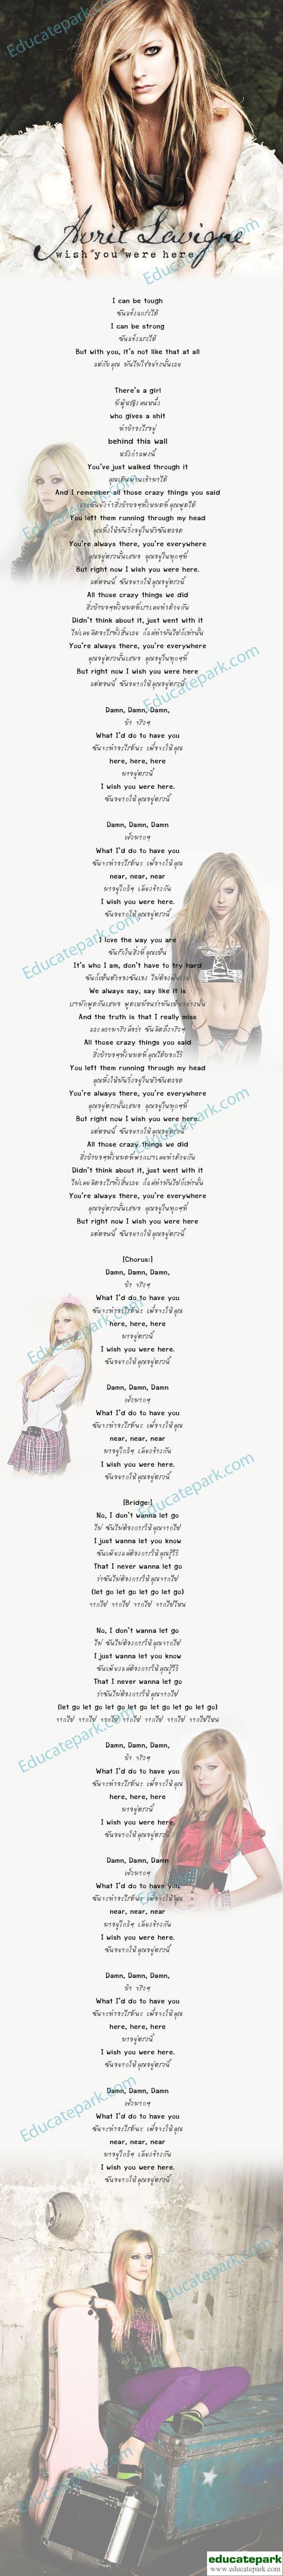 แปลเพลง Wish You Were Here - Avril Lavigne